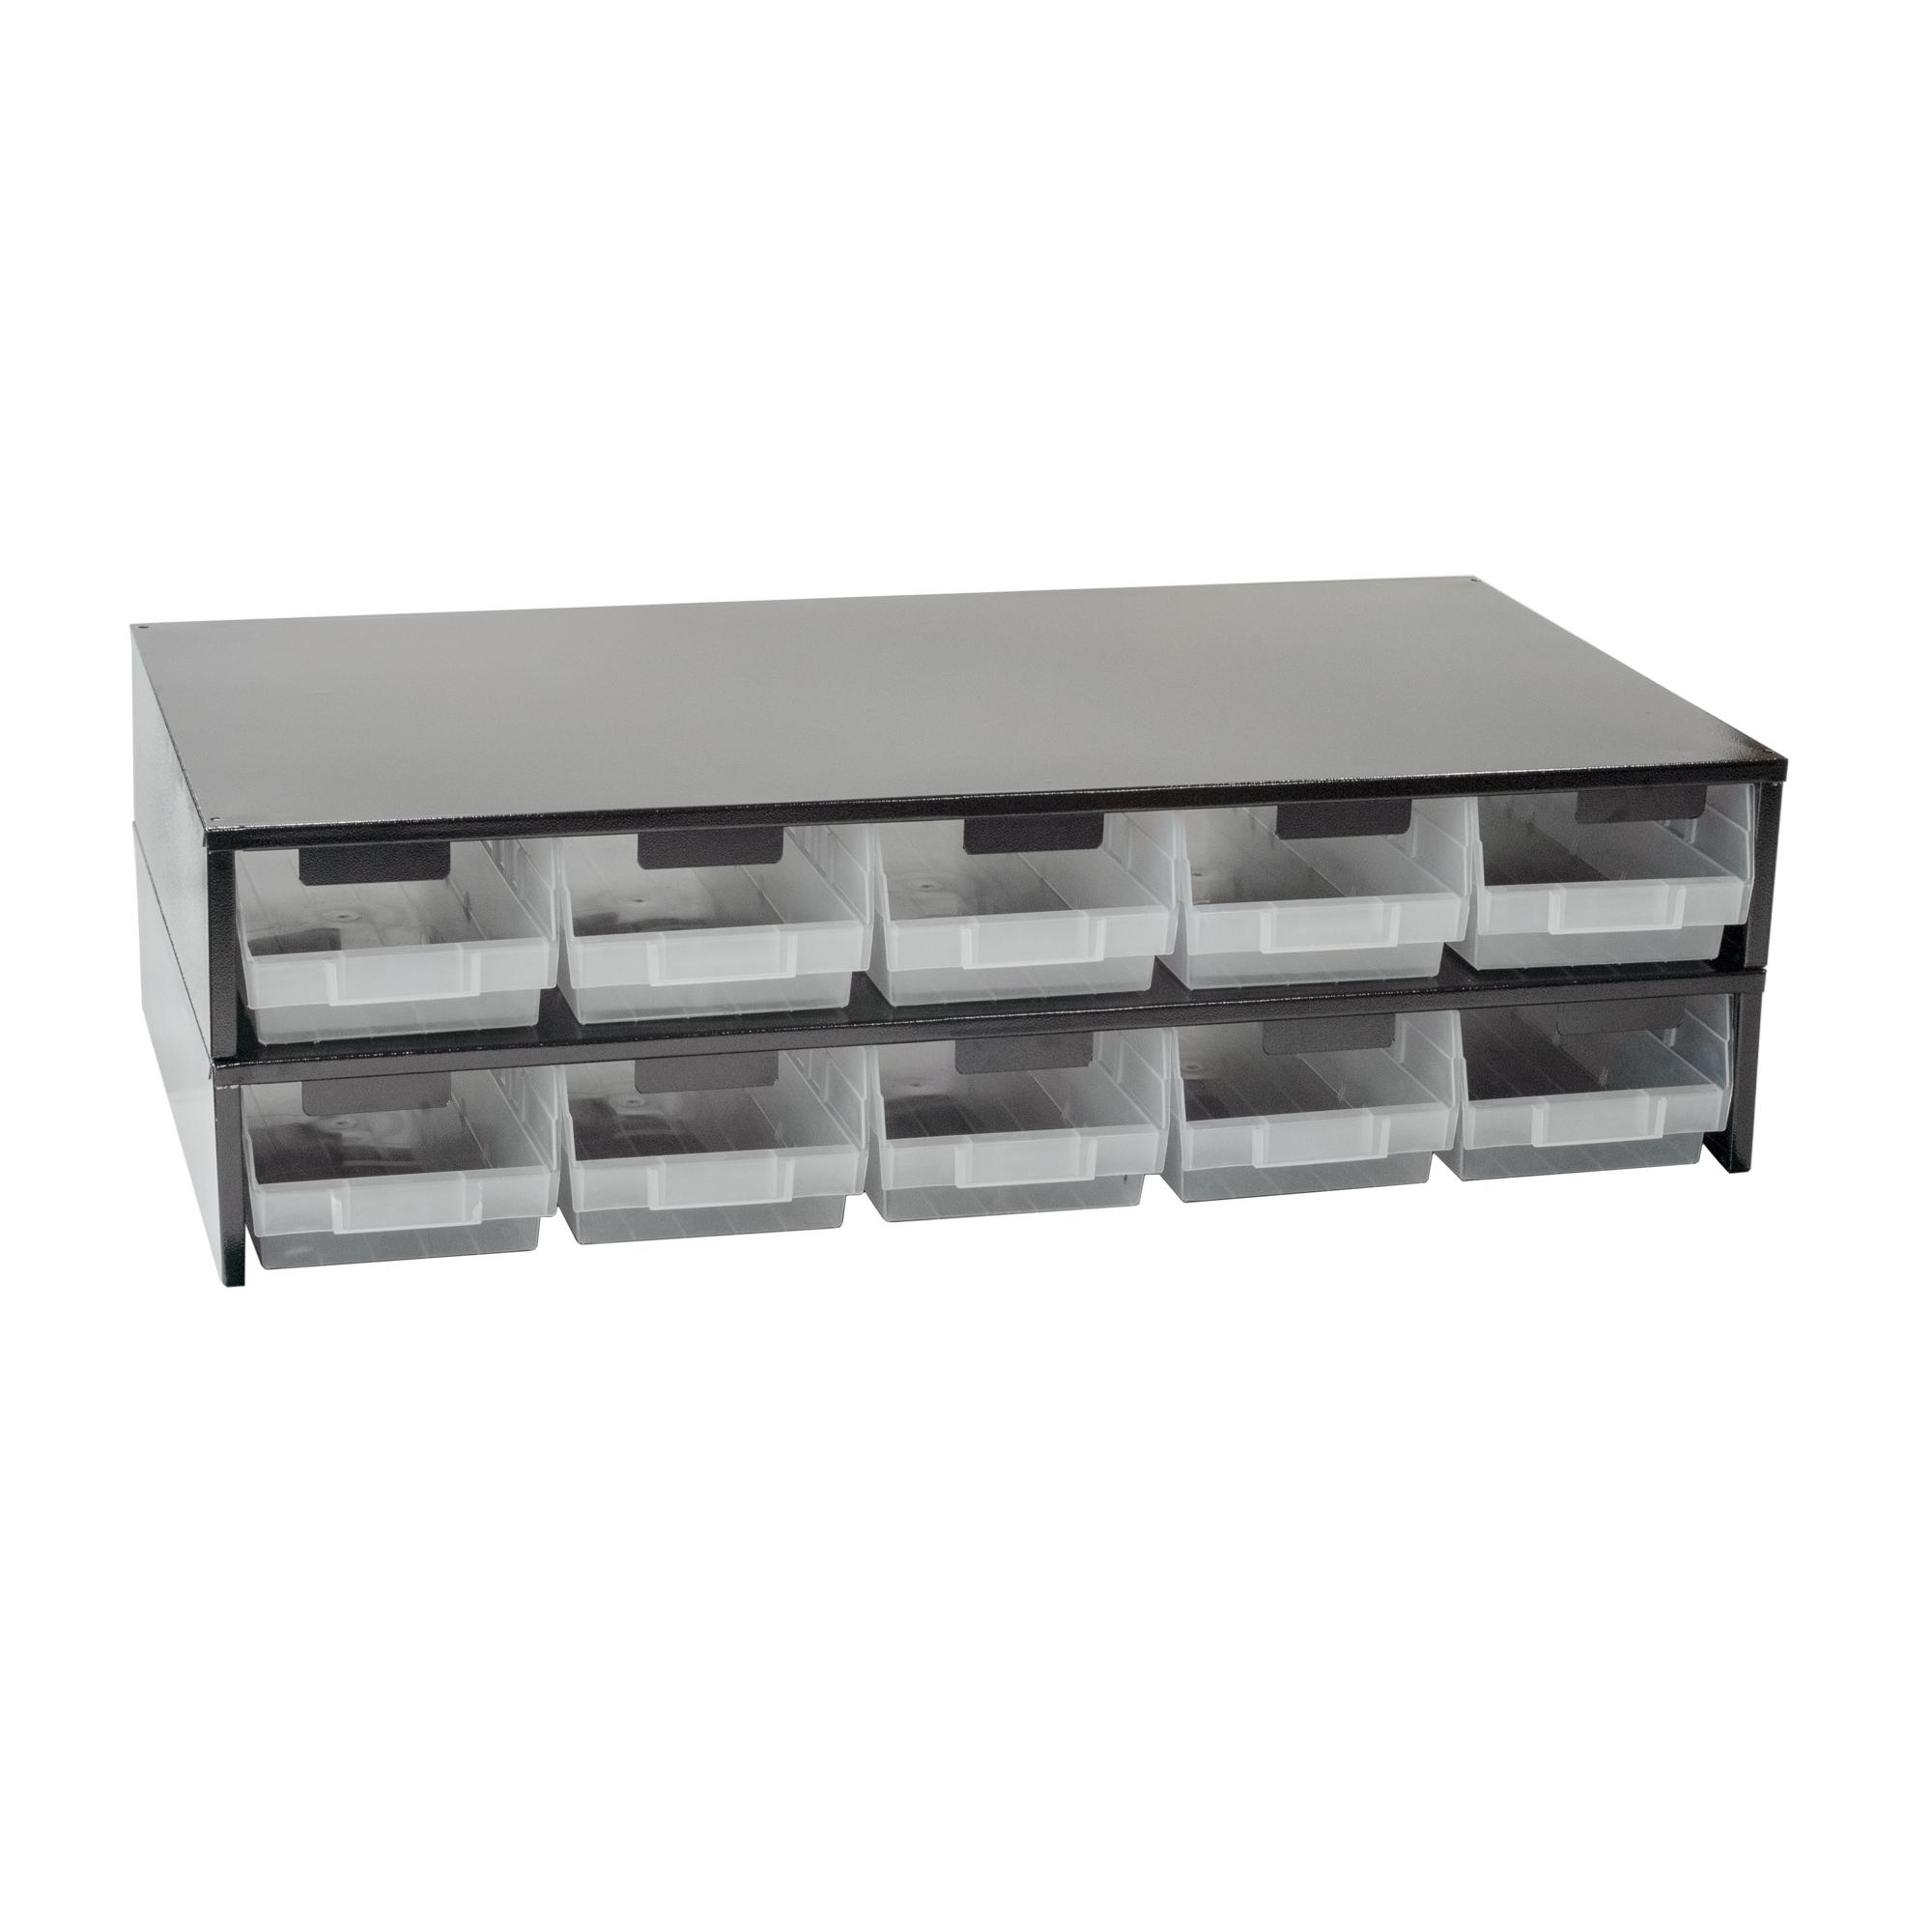 Craftline Storage System | Made In USA | Large Modular Stackable Bin Cabinet | PL-LM5BINSTACK